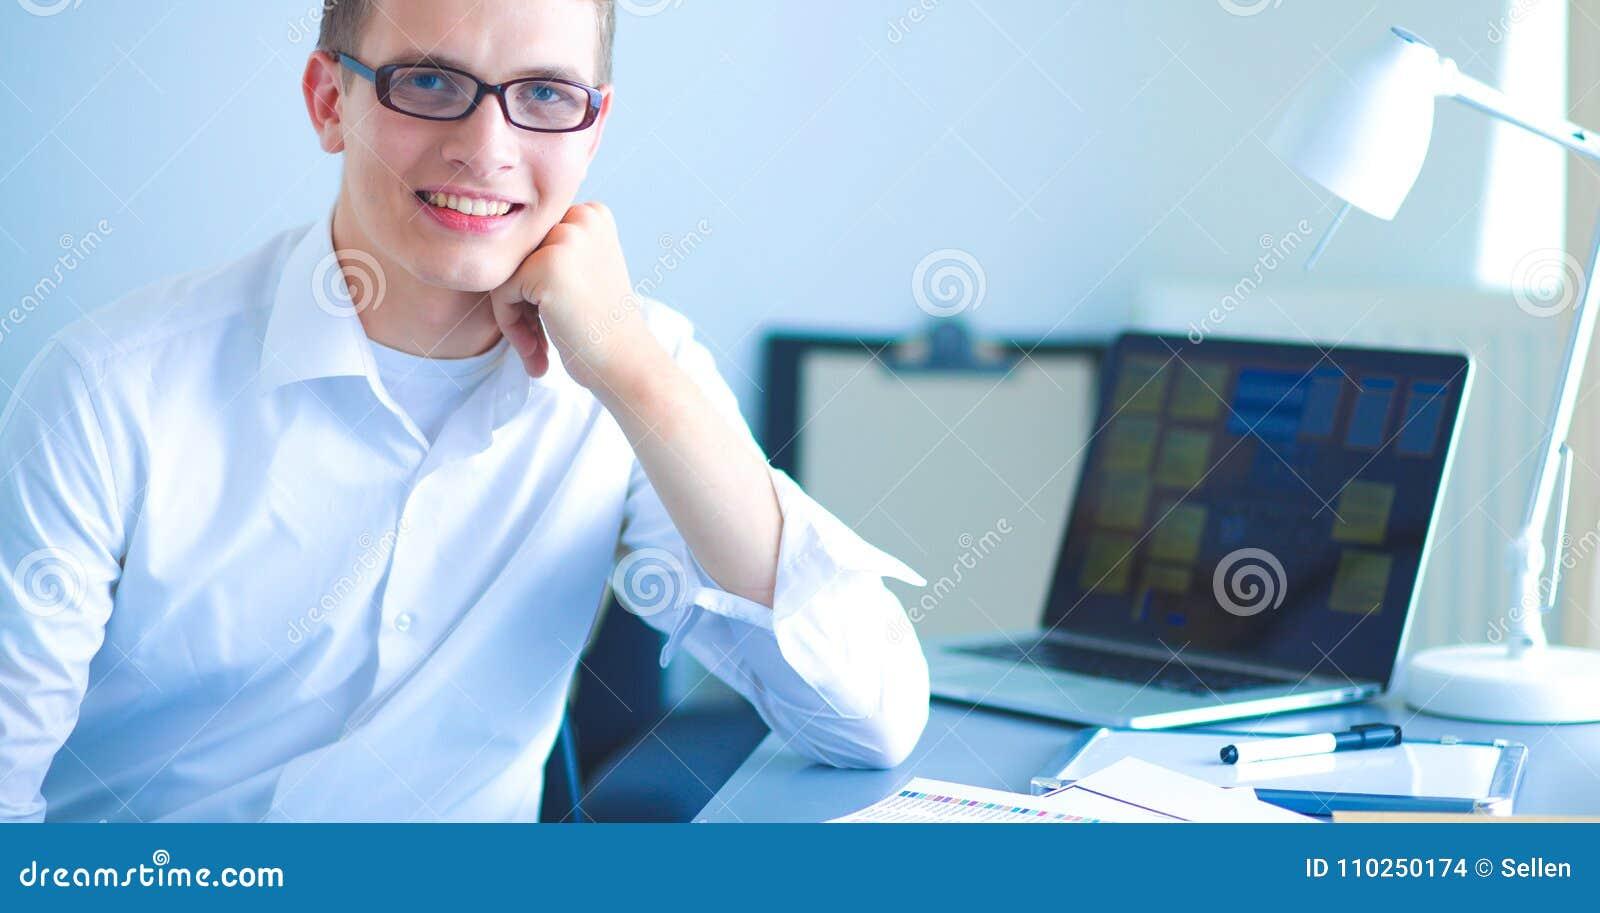 Jonge zakenman die in bureau werkt, dat dichtbij bureau zit